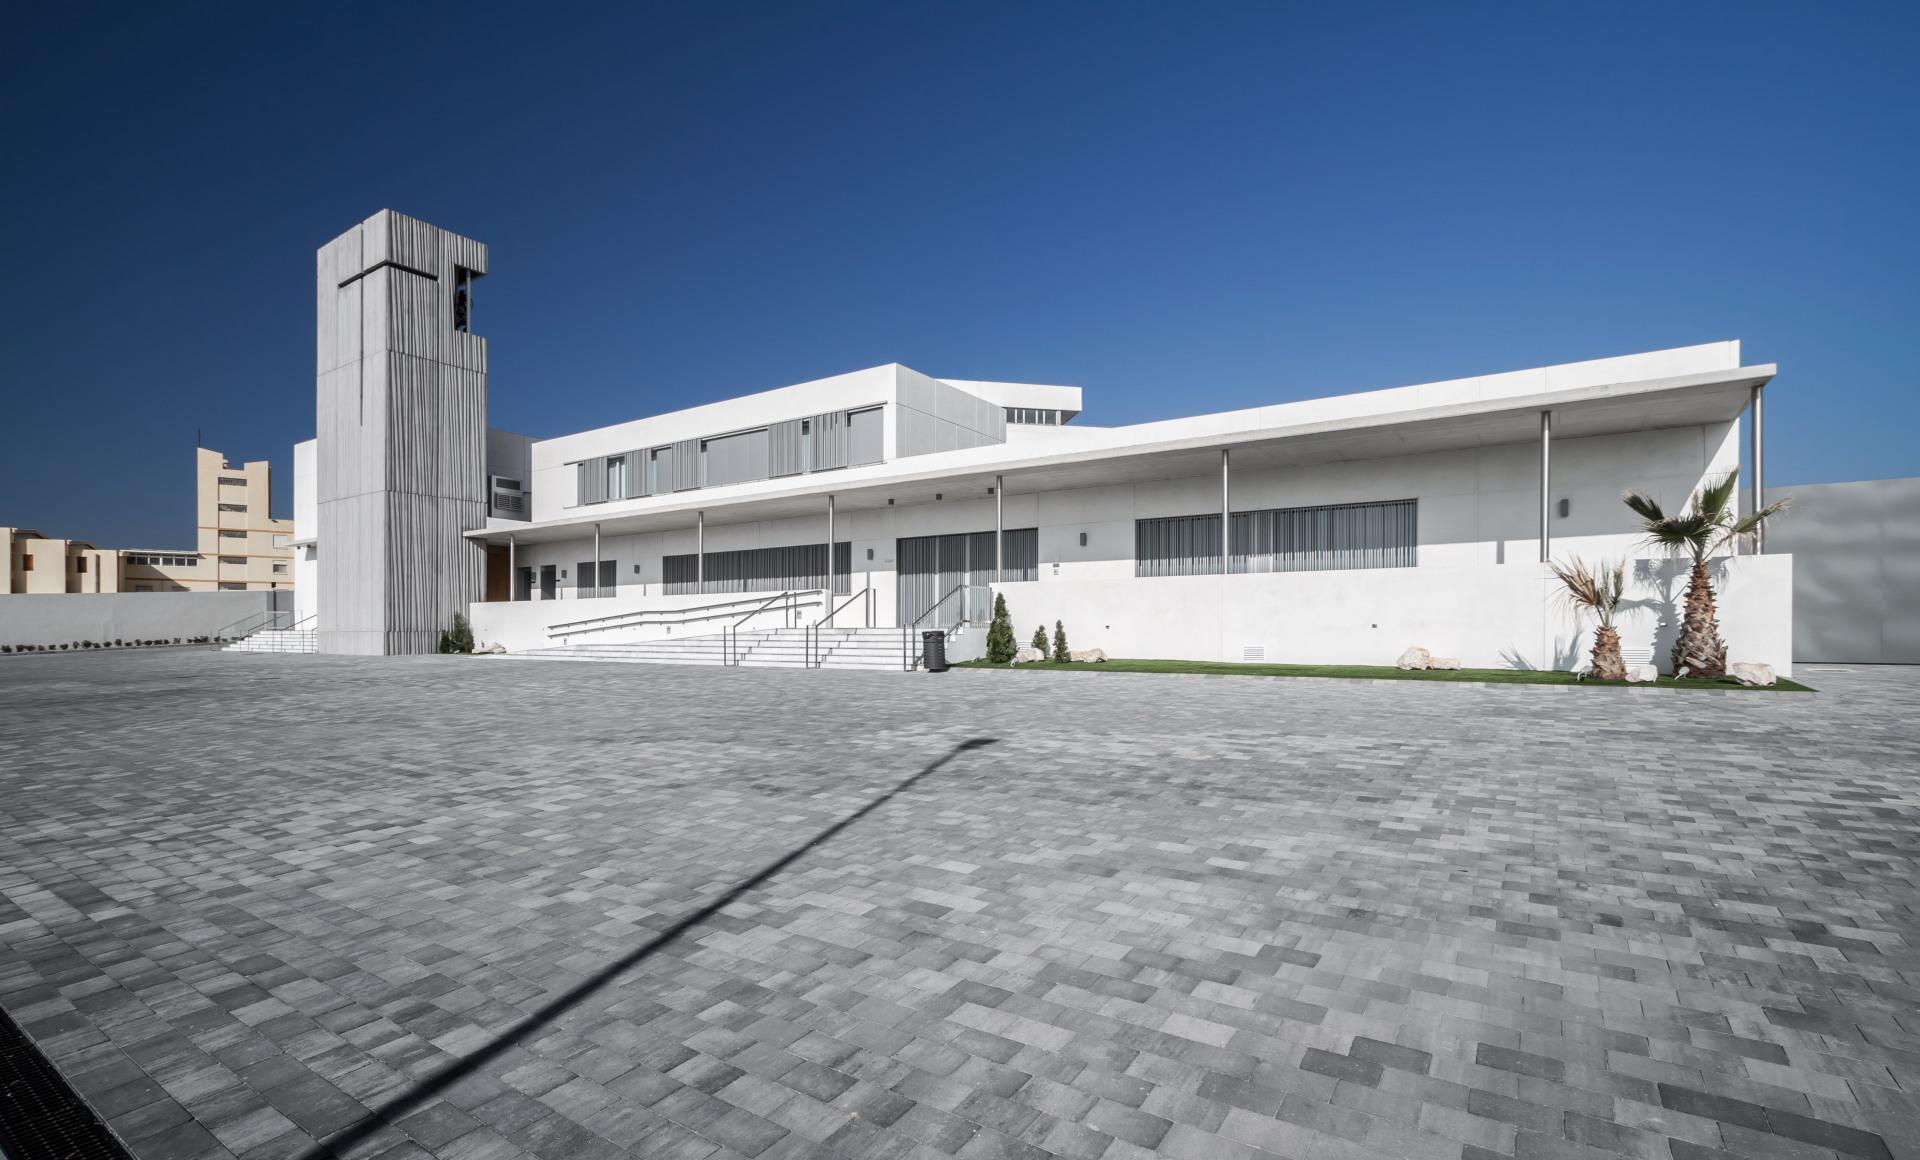 fotografia-arquitectura-valencia-german-cabo-hernandez-monasterio (3)